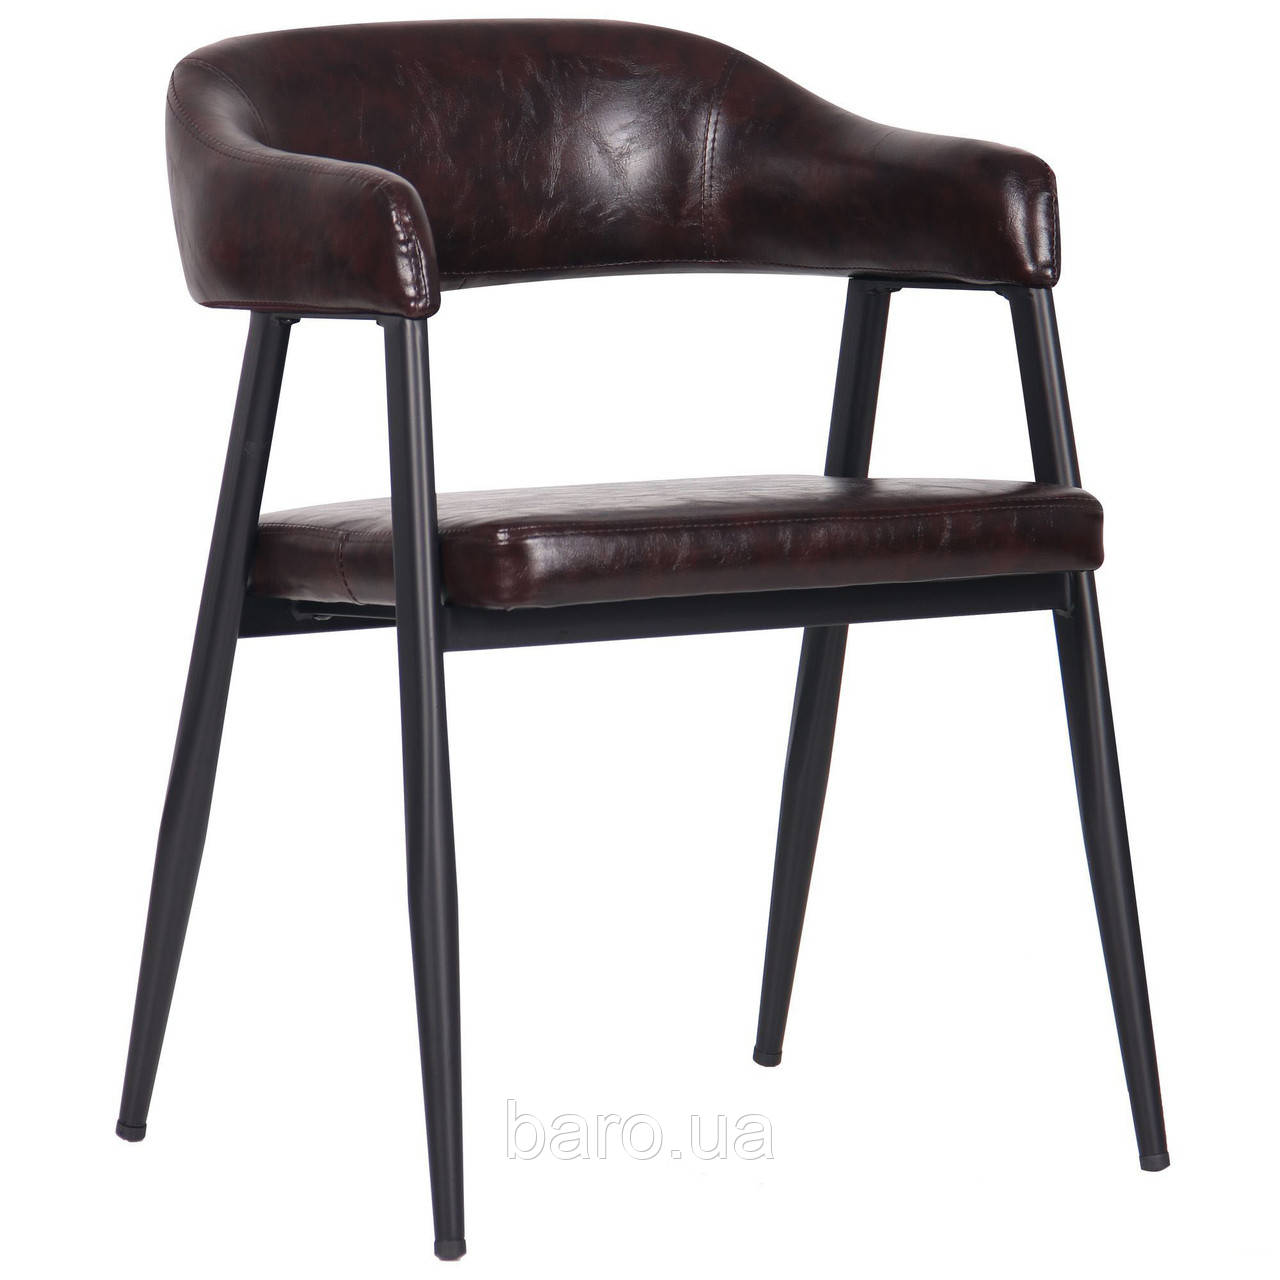 Кресло Ramones dark brown (Рамонес), темно-коричневый, Бесплатная доставка